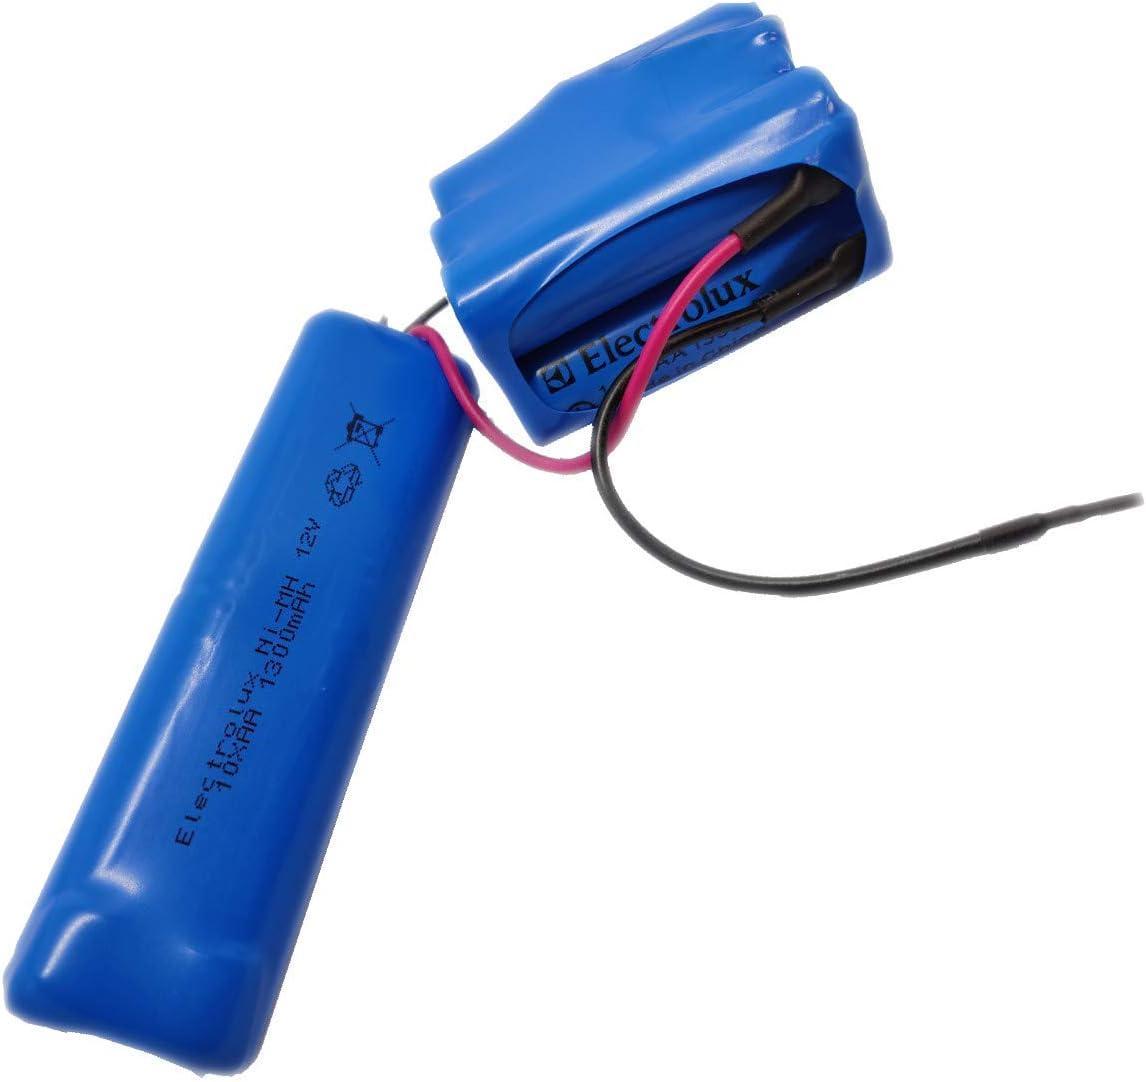 ELECTROLUX - KIT BATTERIE ERGO RAPIDO POUR ASPIRATEUR ELECTROLUX: Amazon.es: Electrónica